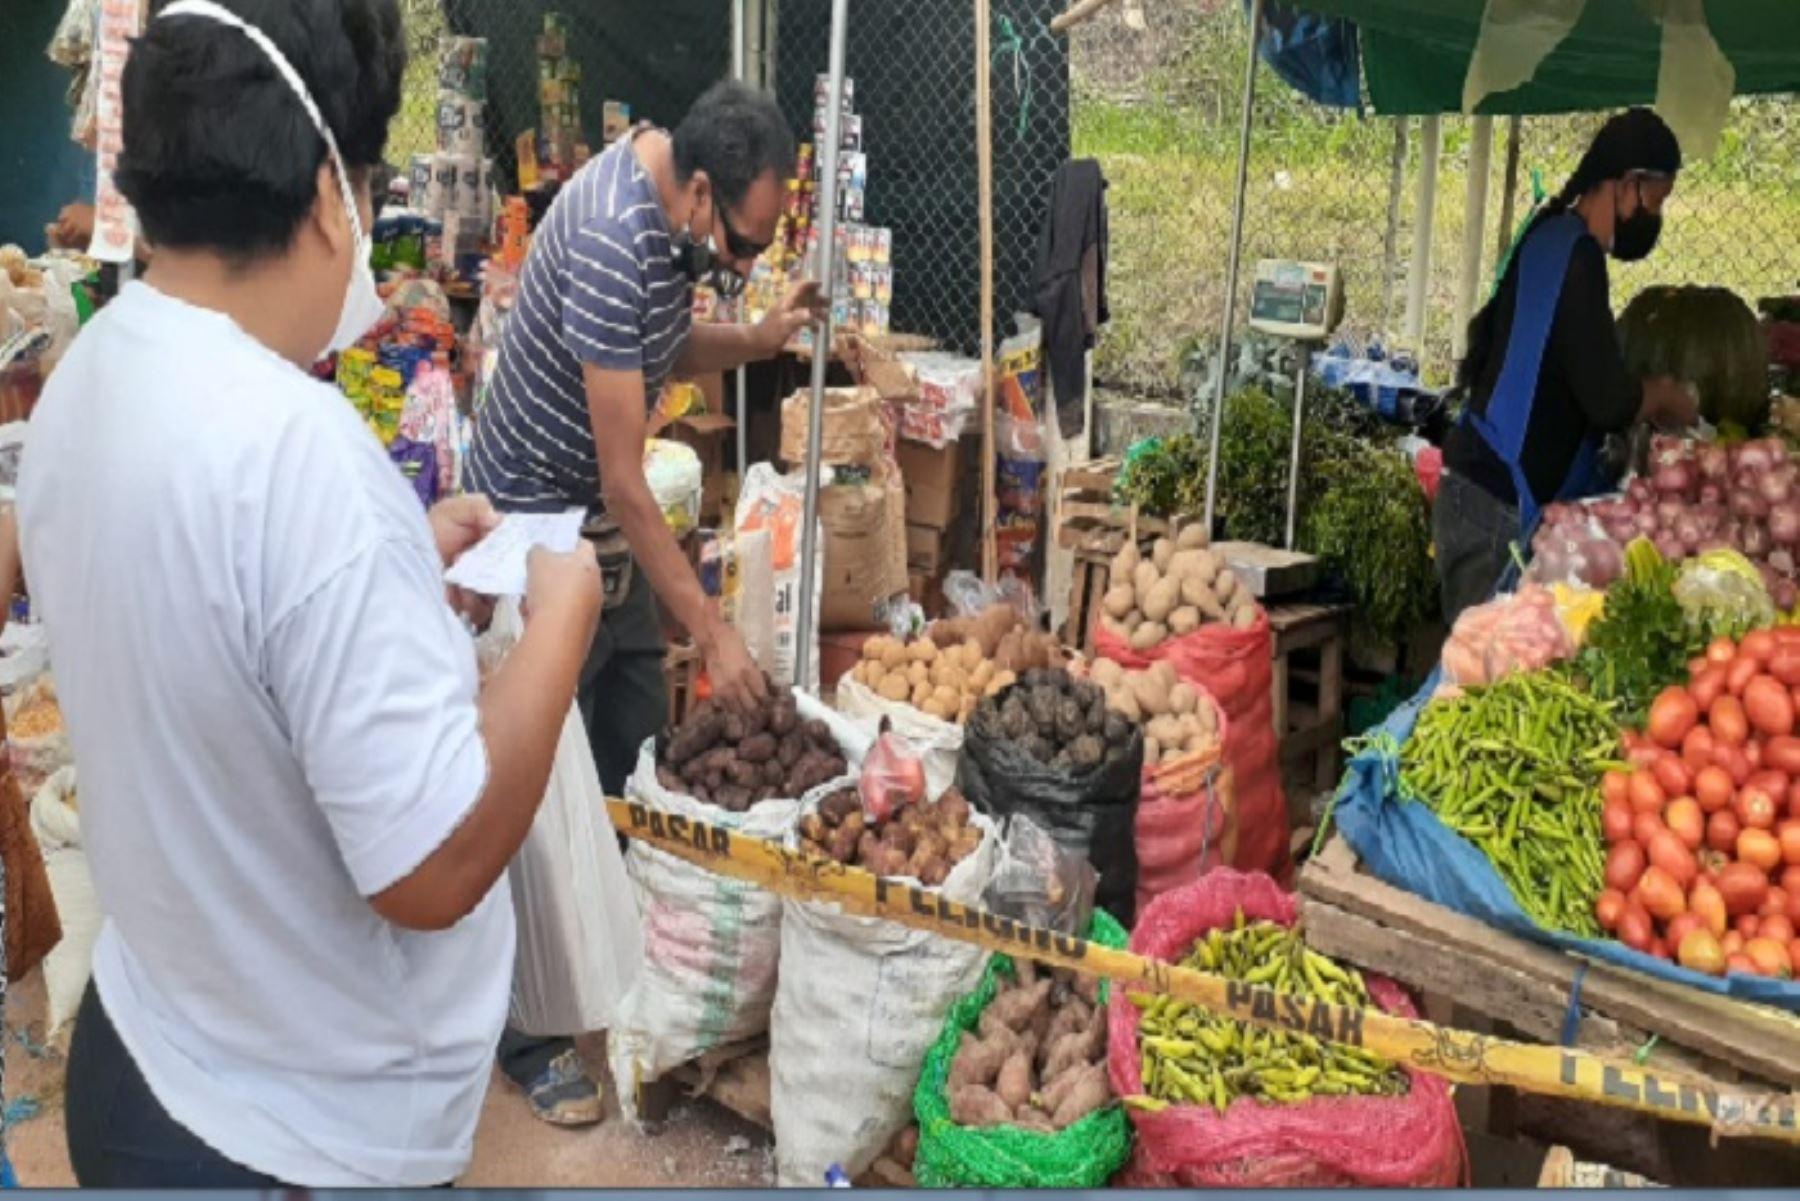 La oferta de alimentos en los mercados de abastos en Lima evitó el incremento de precios en el 2020, lo que mantuvo estable la capacidad adquisitiva de los hogares. ANDINA/Difusión